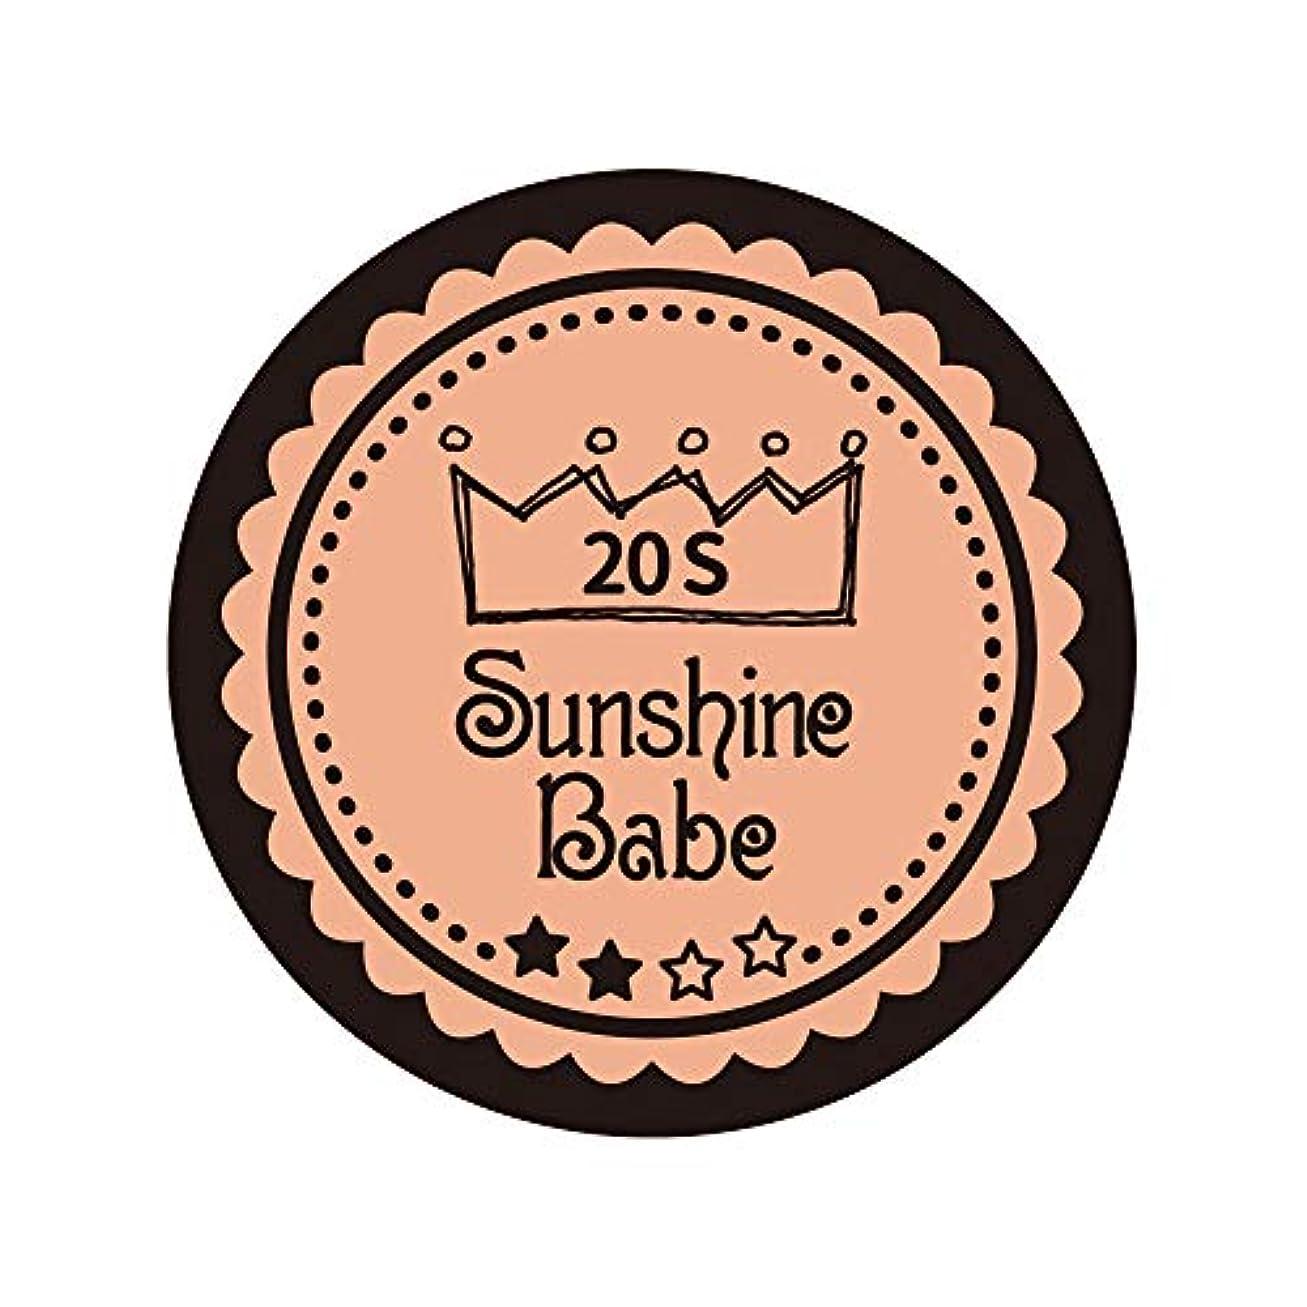 経験的すばらしいです睡眠Sunshine Babe カラージェル 20S ヌーディベージュ 2.7g UV/LED対応